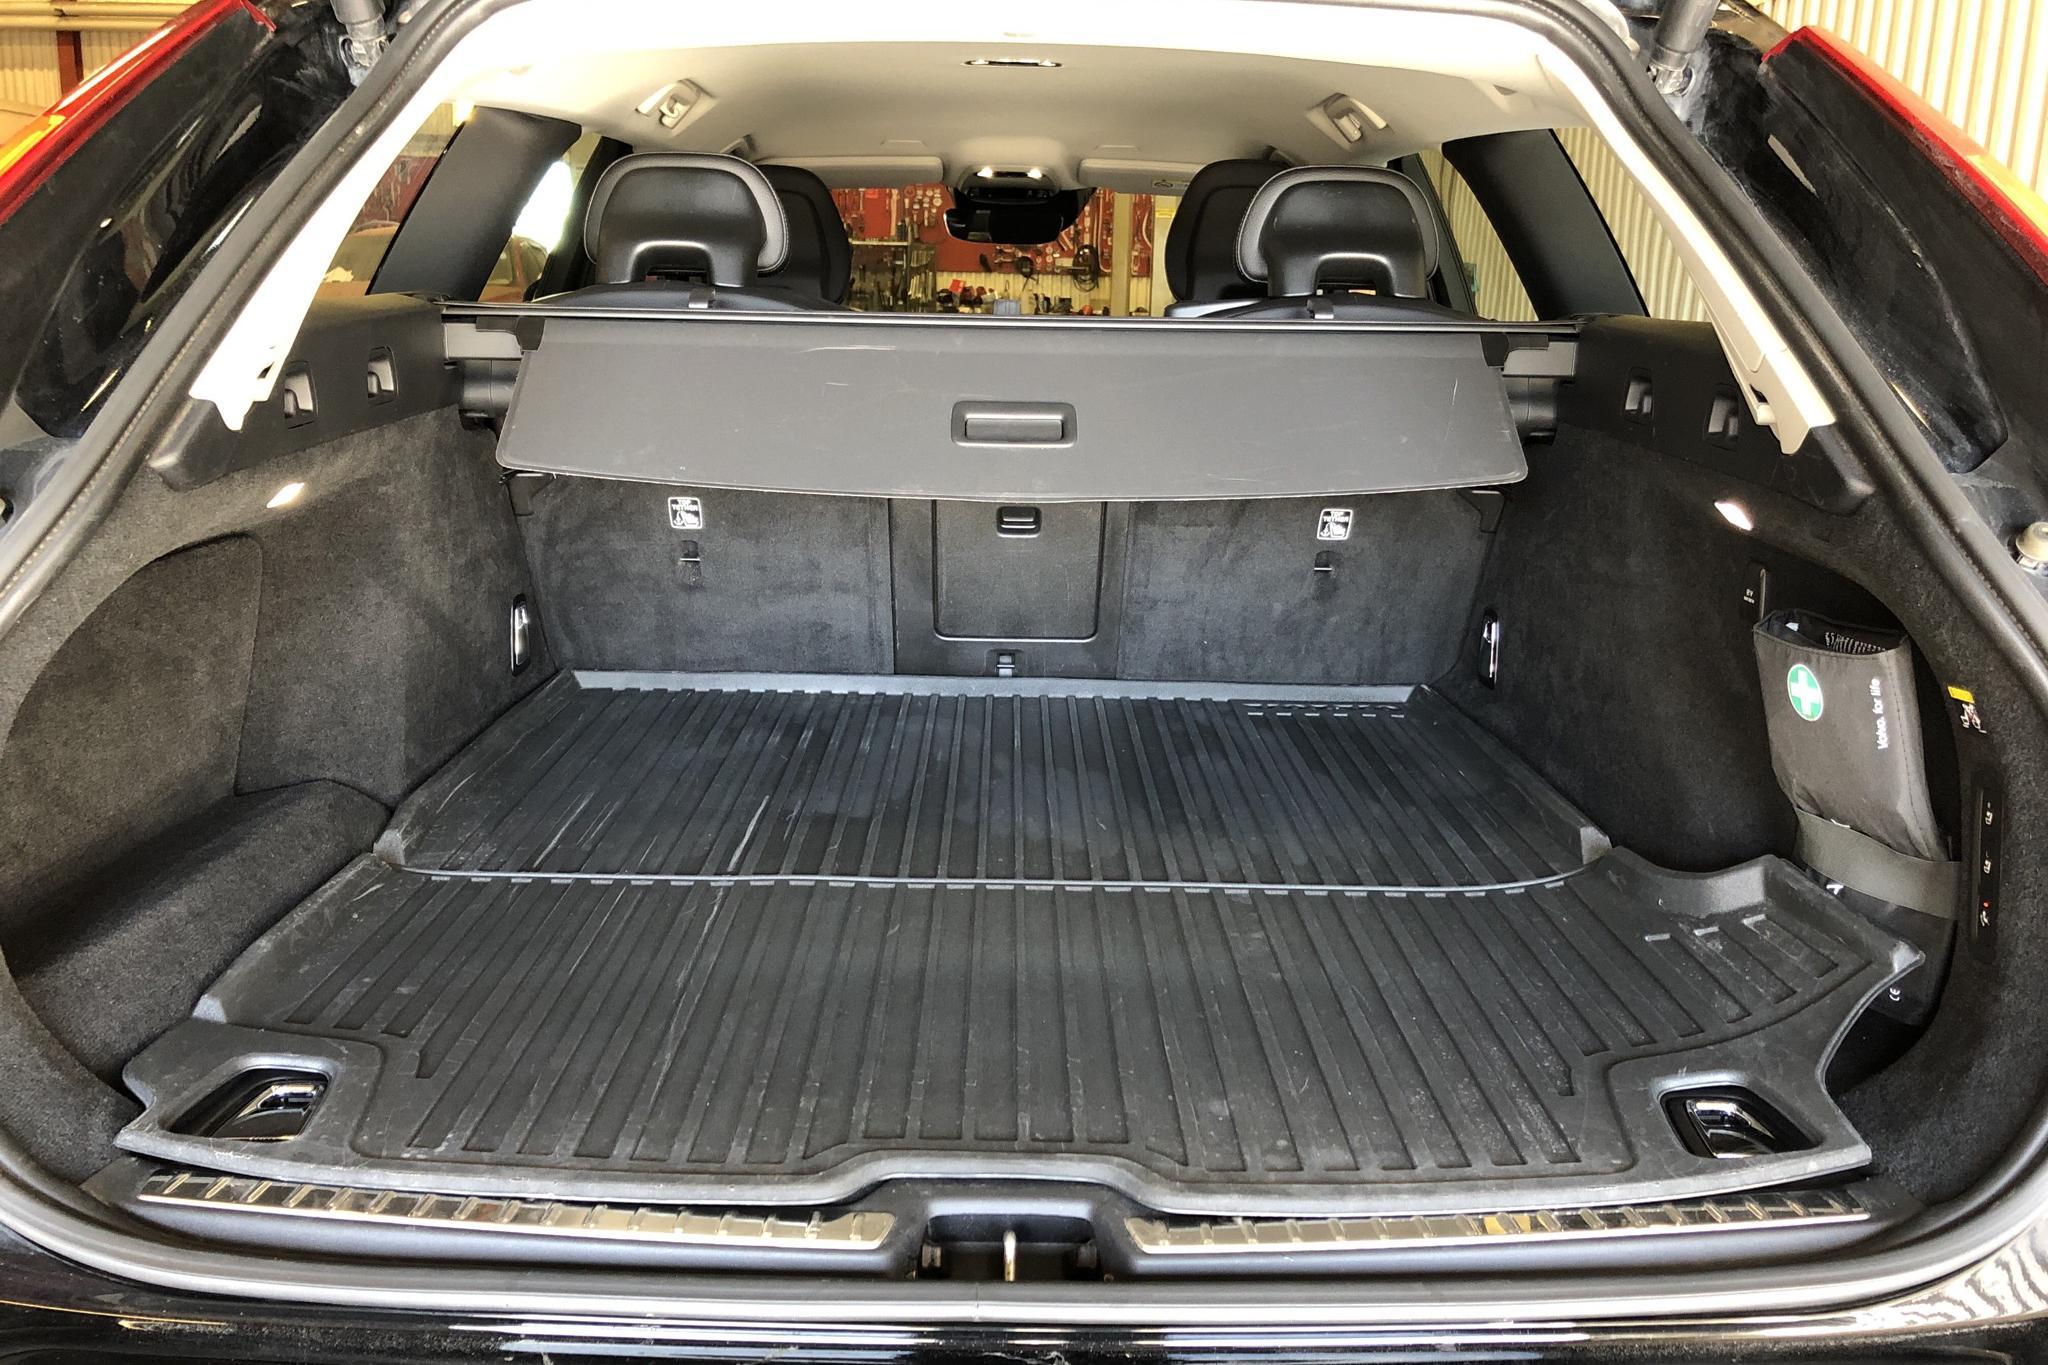 Volvo V90 D3 AWD (150hk) - 89 980 km - Automatic - black - 2018